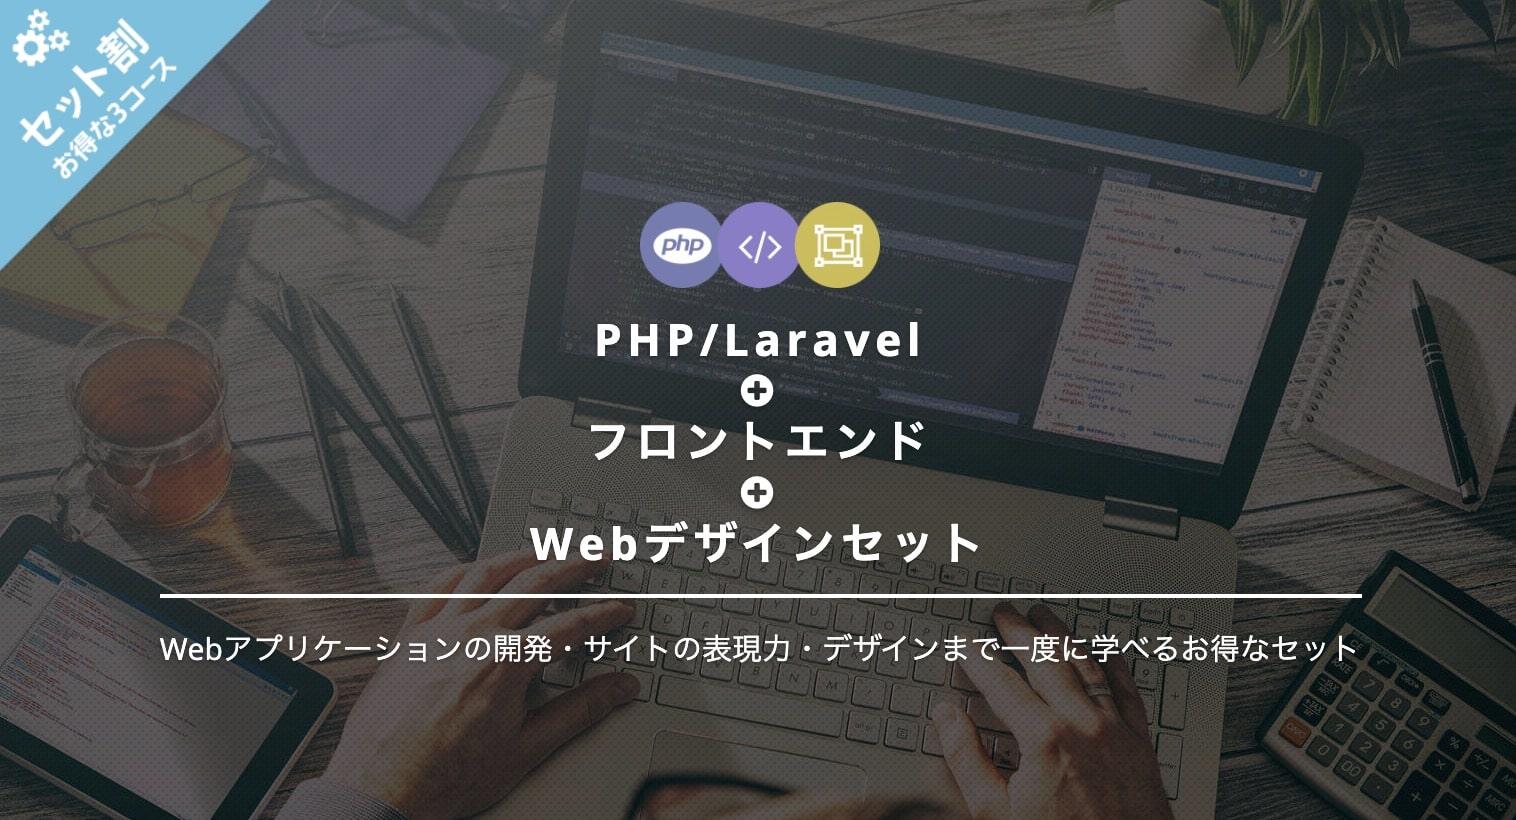 PHP/Laravel+フロントエンド+Webデザインセットの料金|TechAcademy(テックアカデミー)3セット